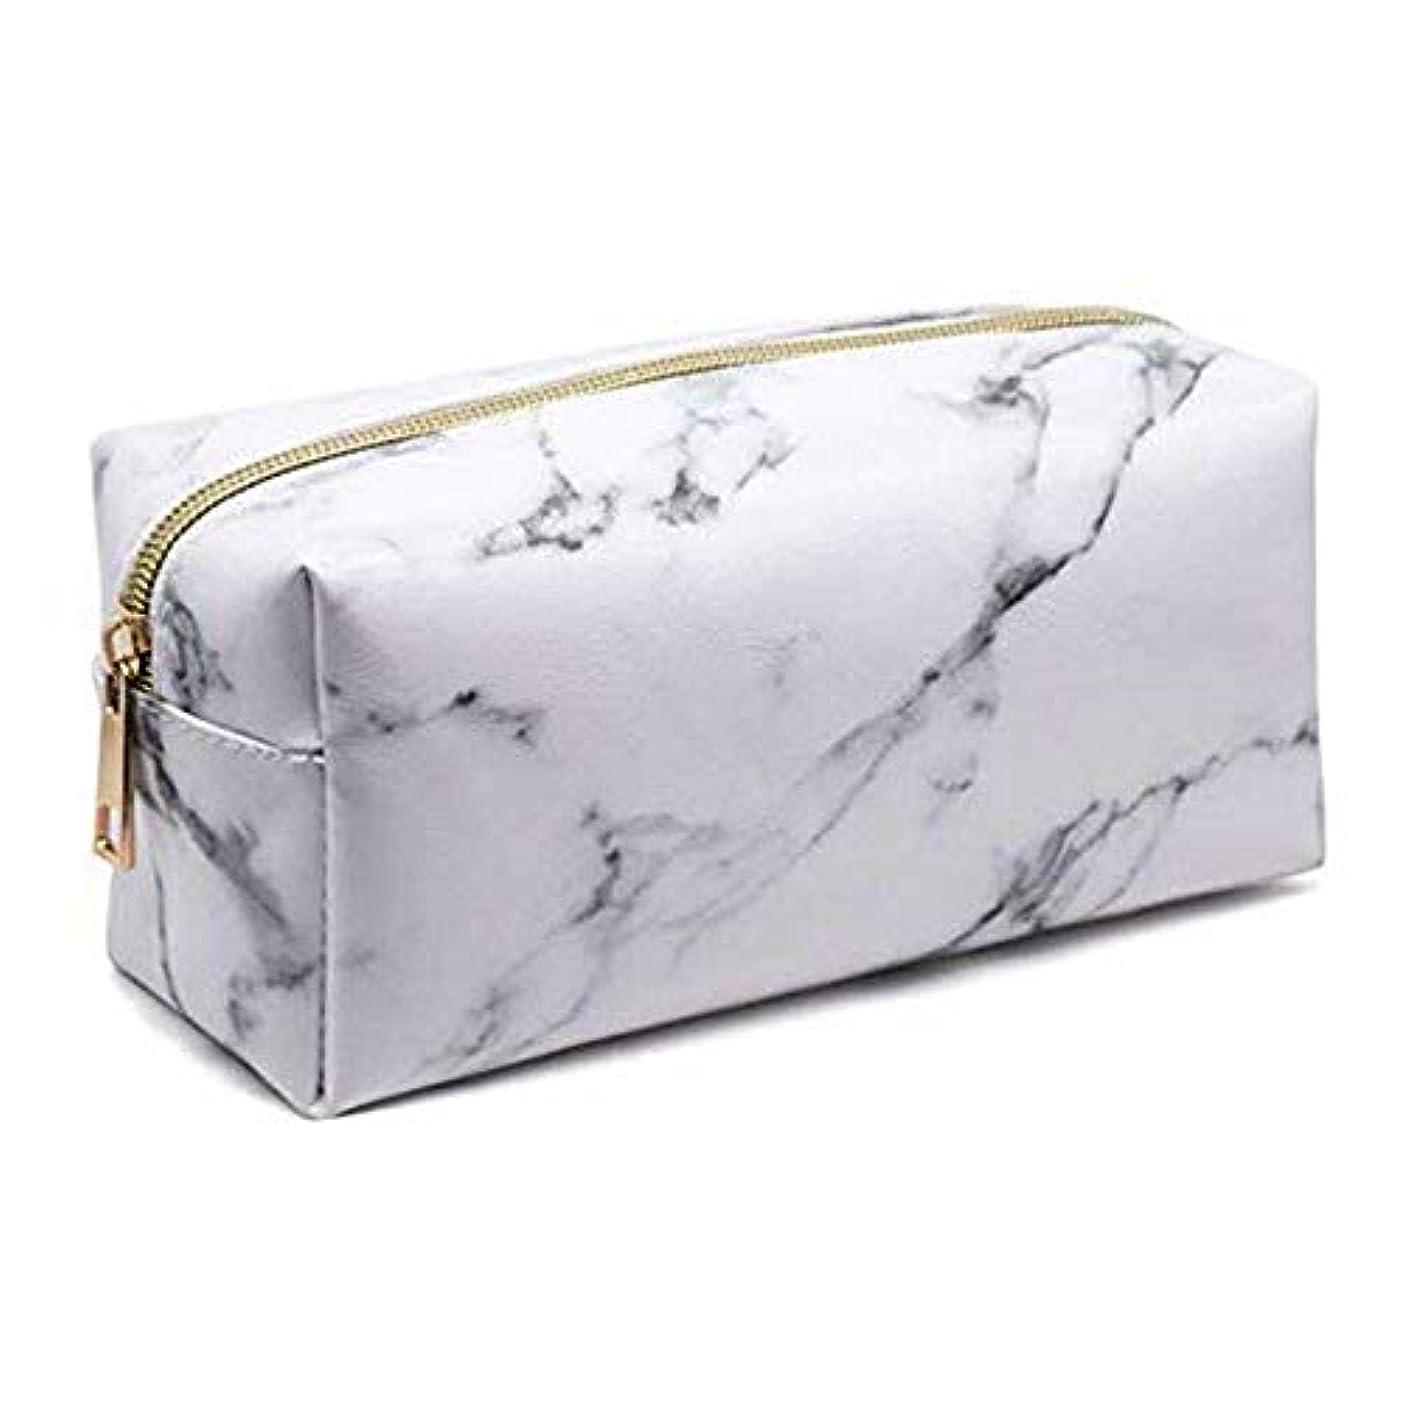 類推滝貝殻Pichidr-JP 化粧品袋化粧品袋ゴールドジッパー旅行ウォッシュバッグ化粧品収納袋付き屋外